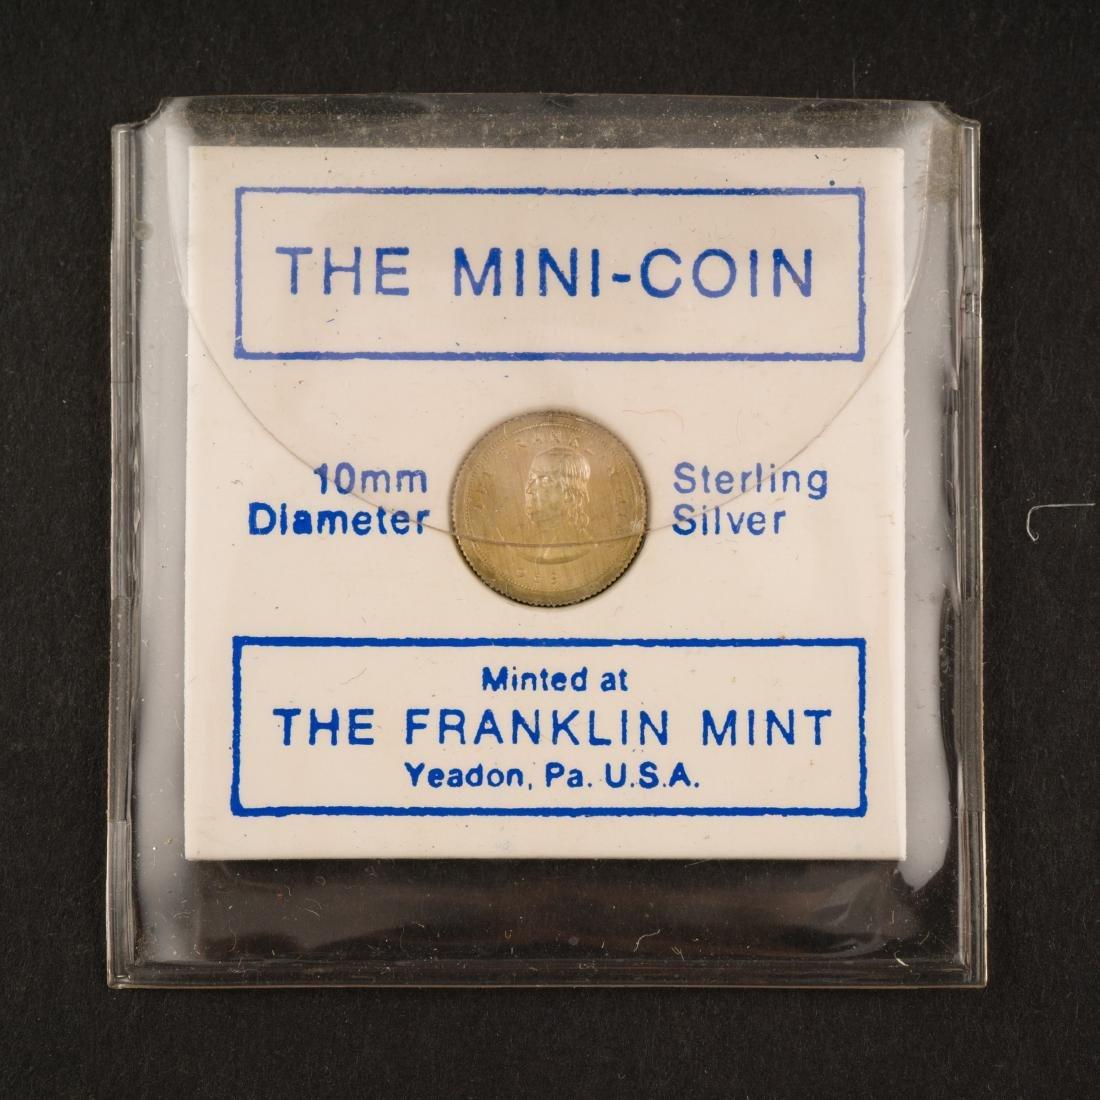 FRANKLIN MINT MINI COIN